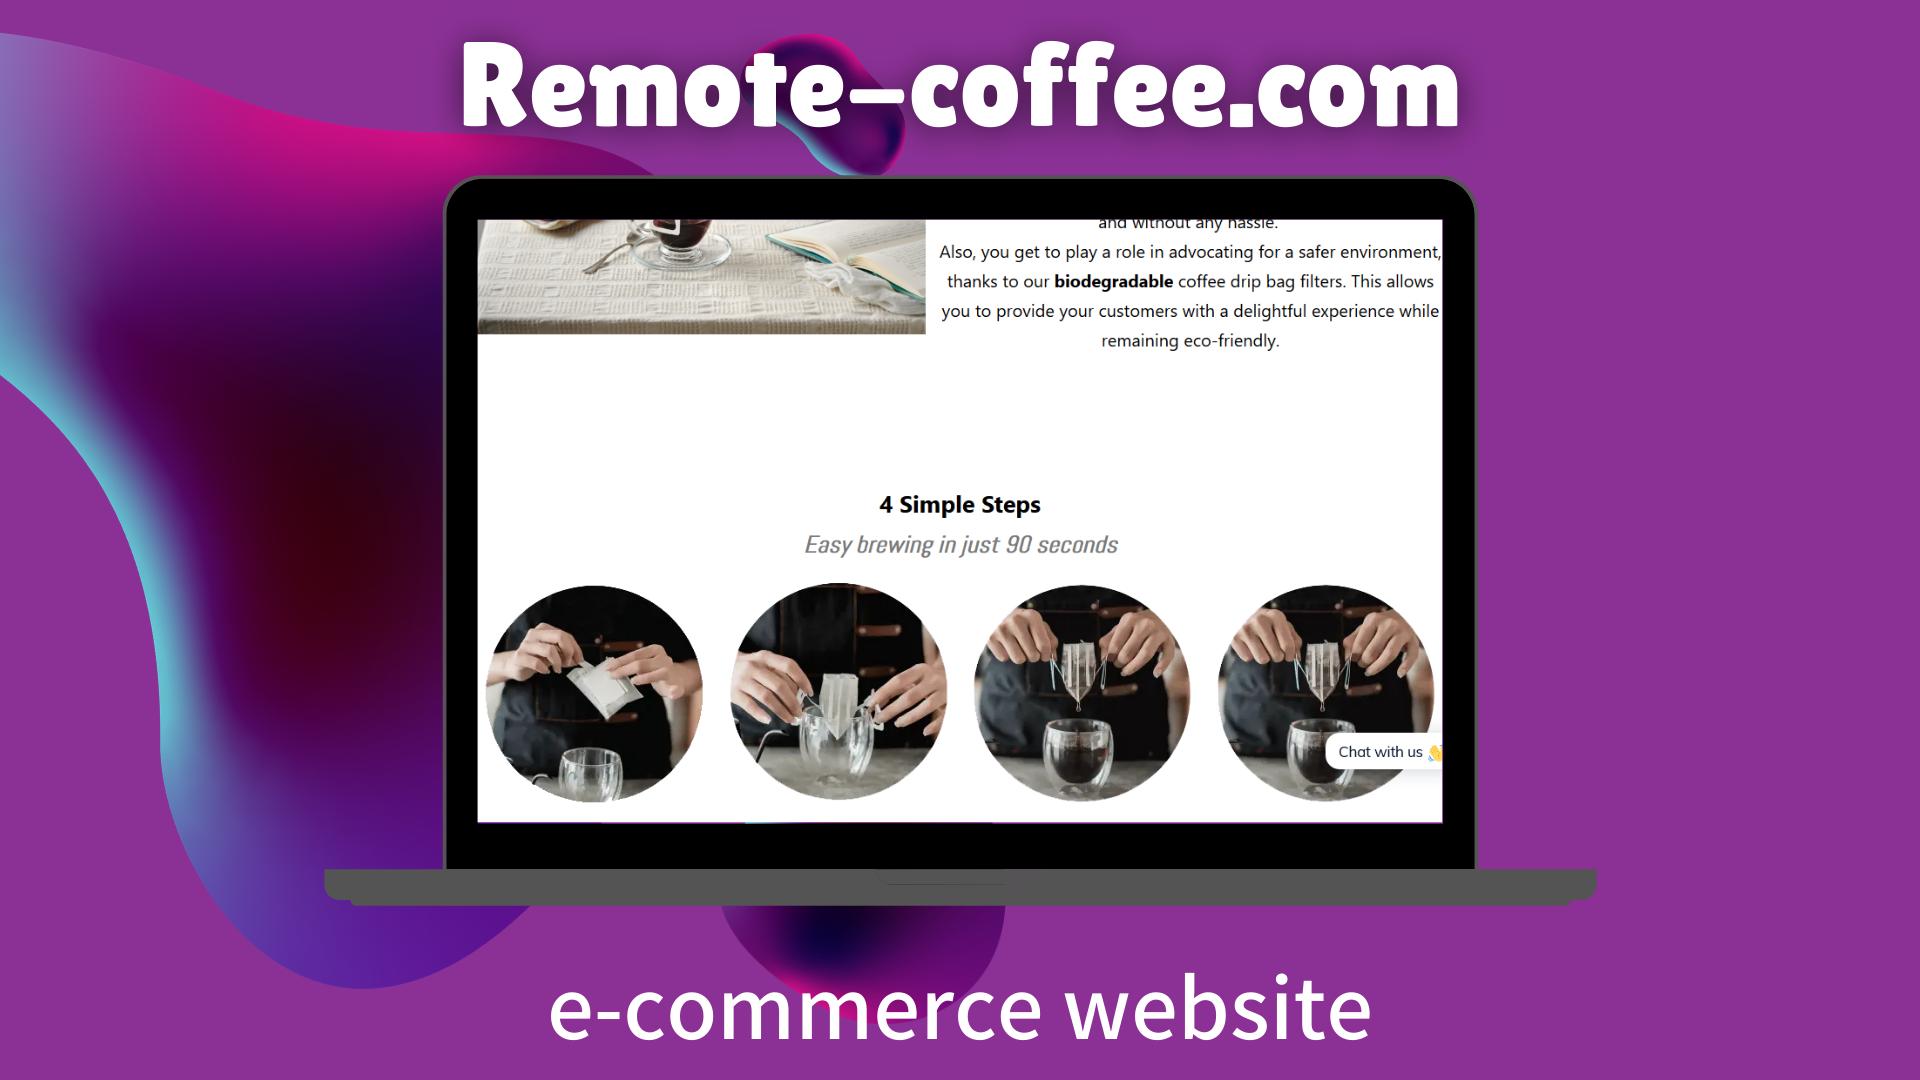 Remote-coffee.com